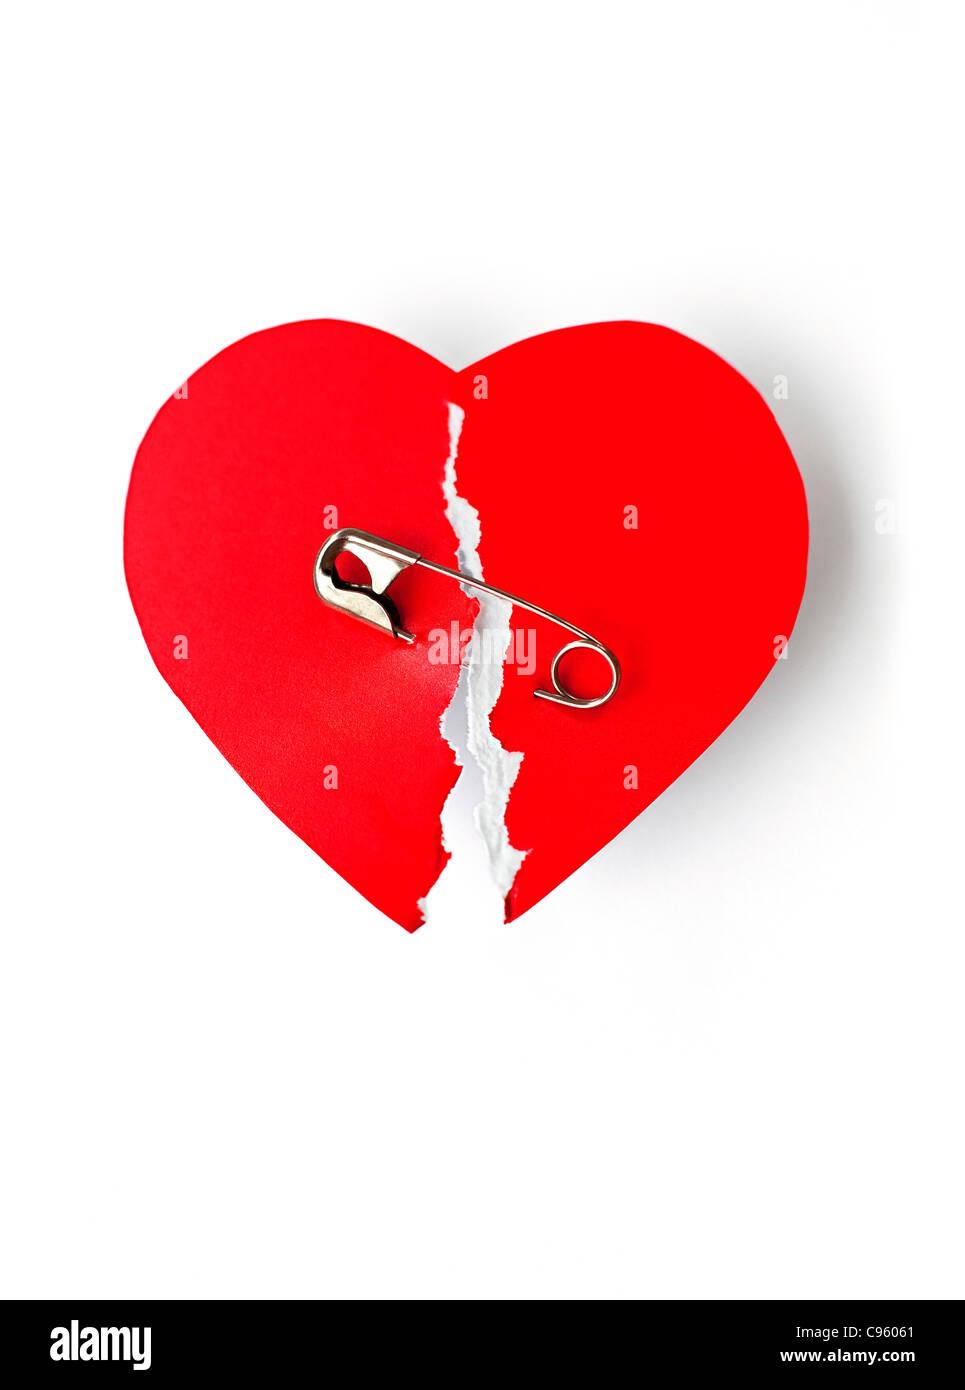 Mending a broken heart  conceptual image. - Stock Image